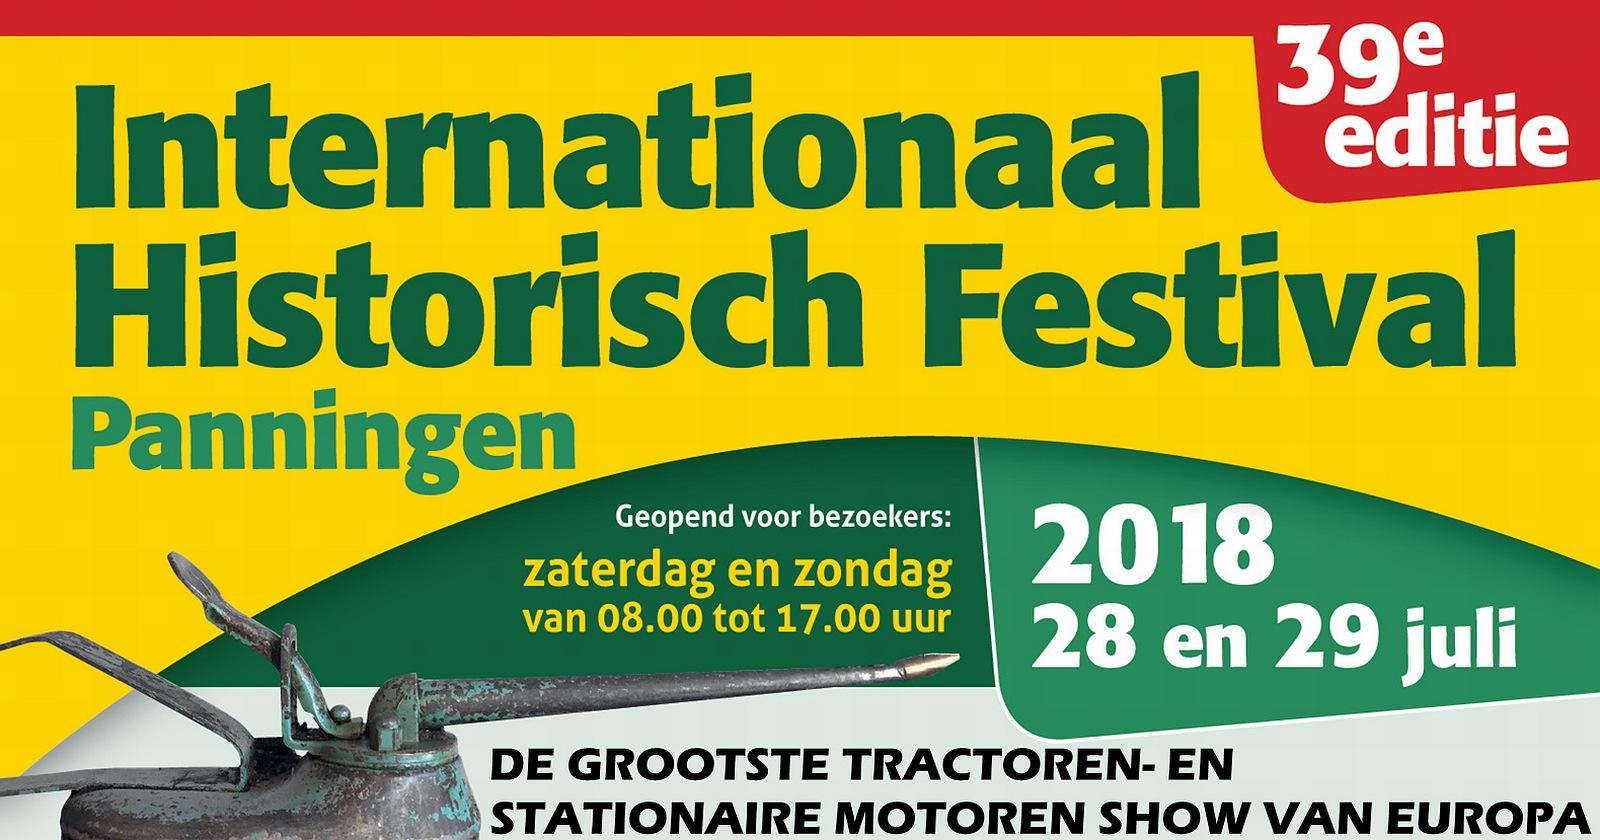 Internationaal Historisch Festival Panningen 28 & 29 juli 2018 • 24-07-2018